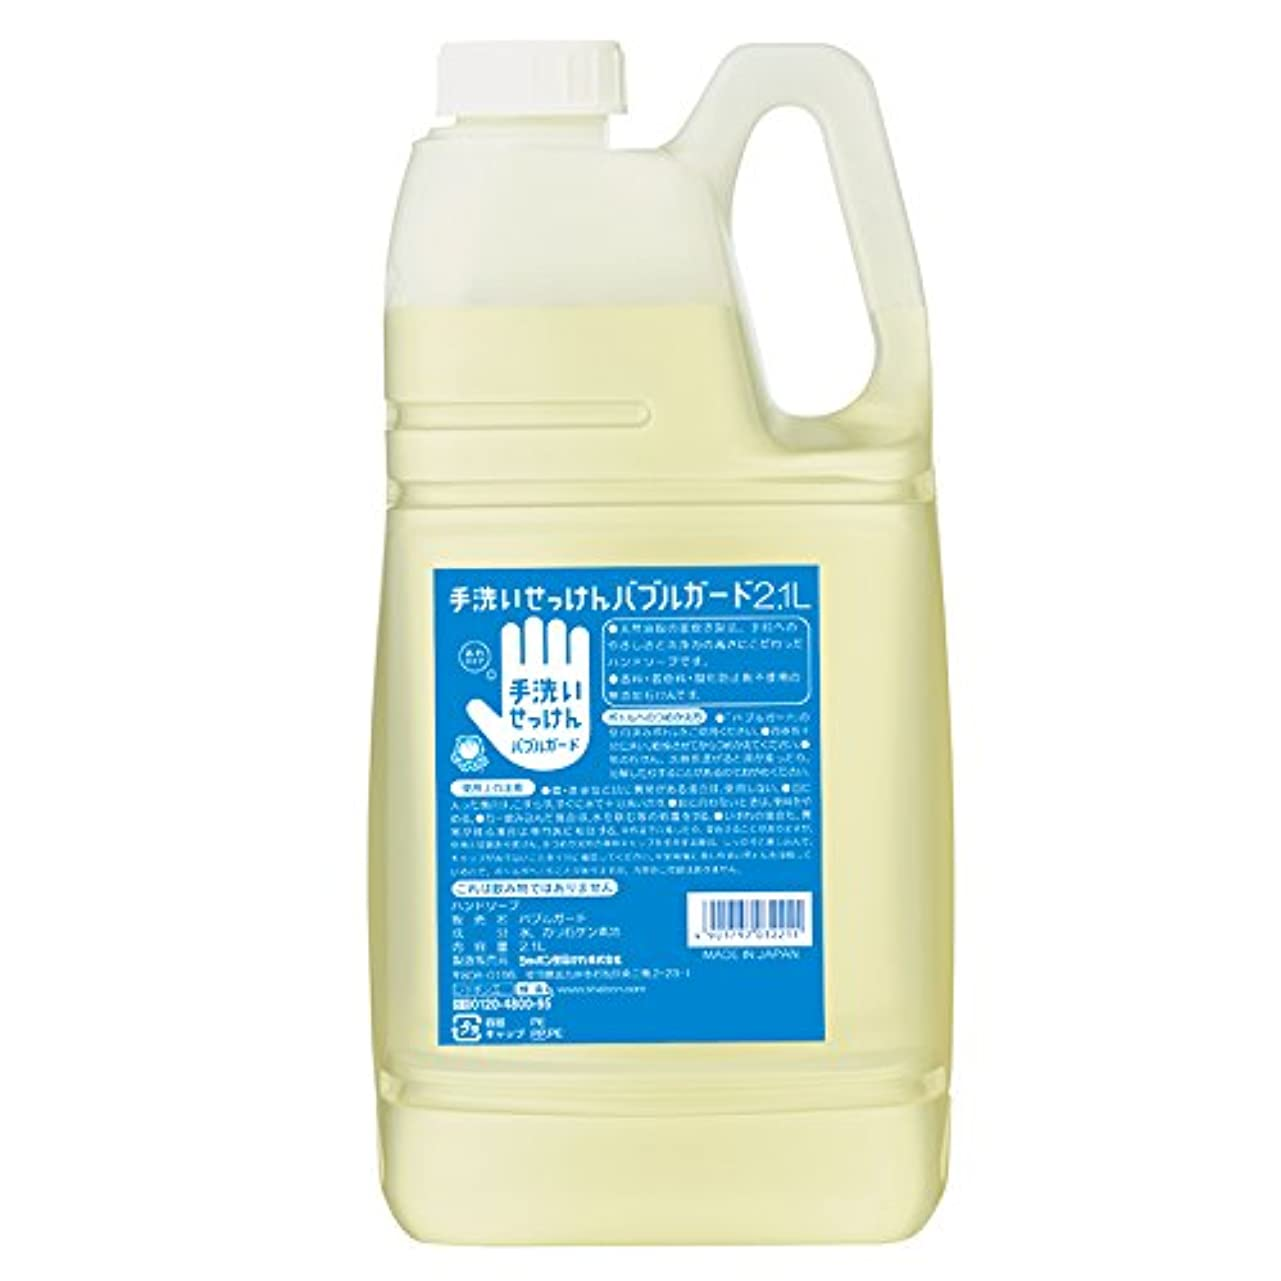 ラウンジ連帯作りシャボン玉石けん 手洗いせっけん?ハンドソープ バブルガード 2.1L